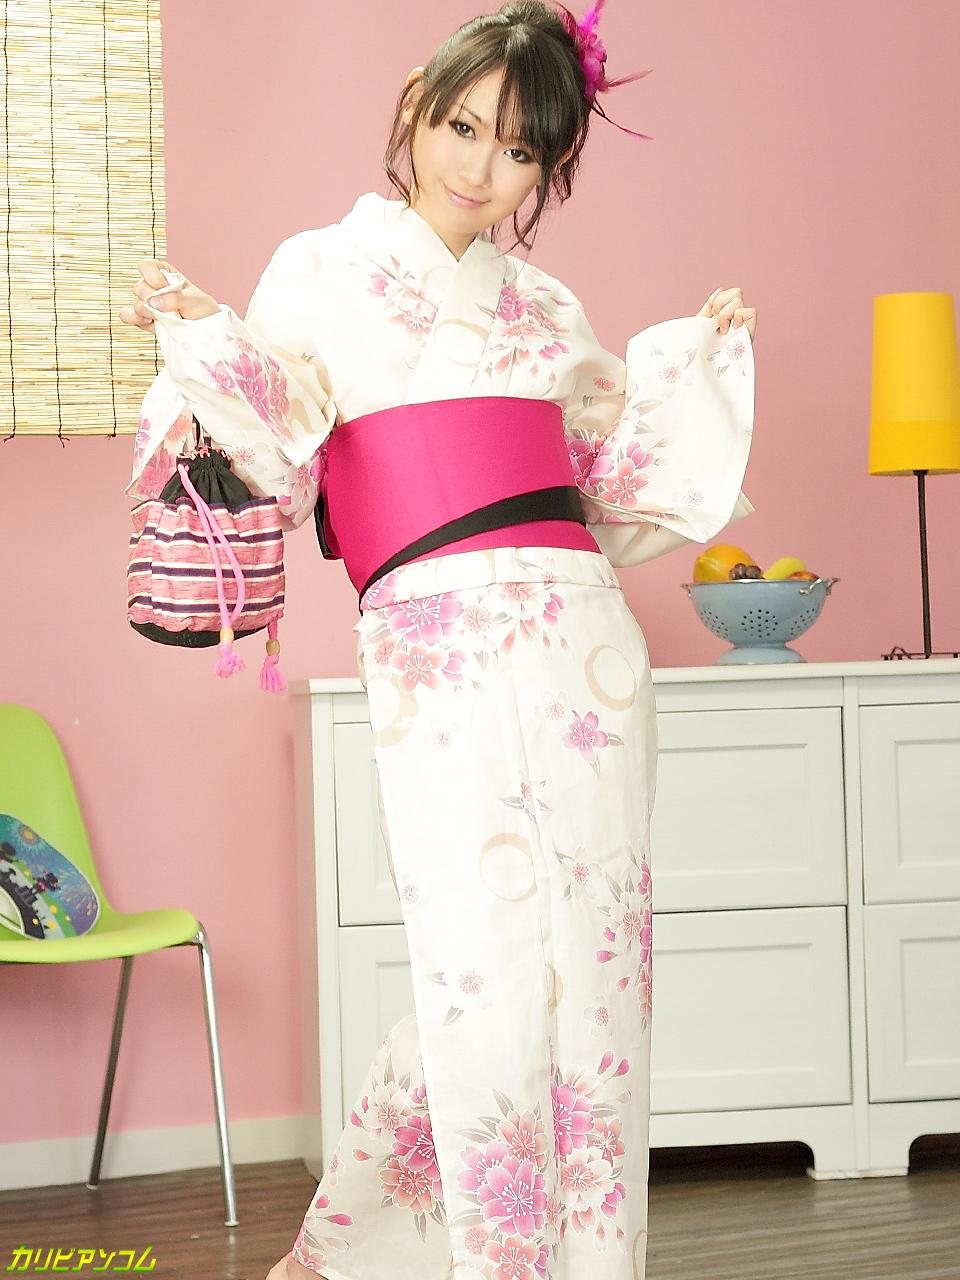 夏の想い出 Vol.6 寿桜